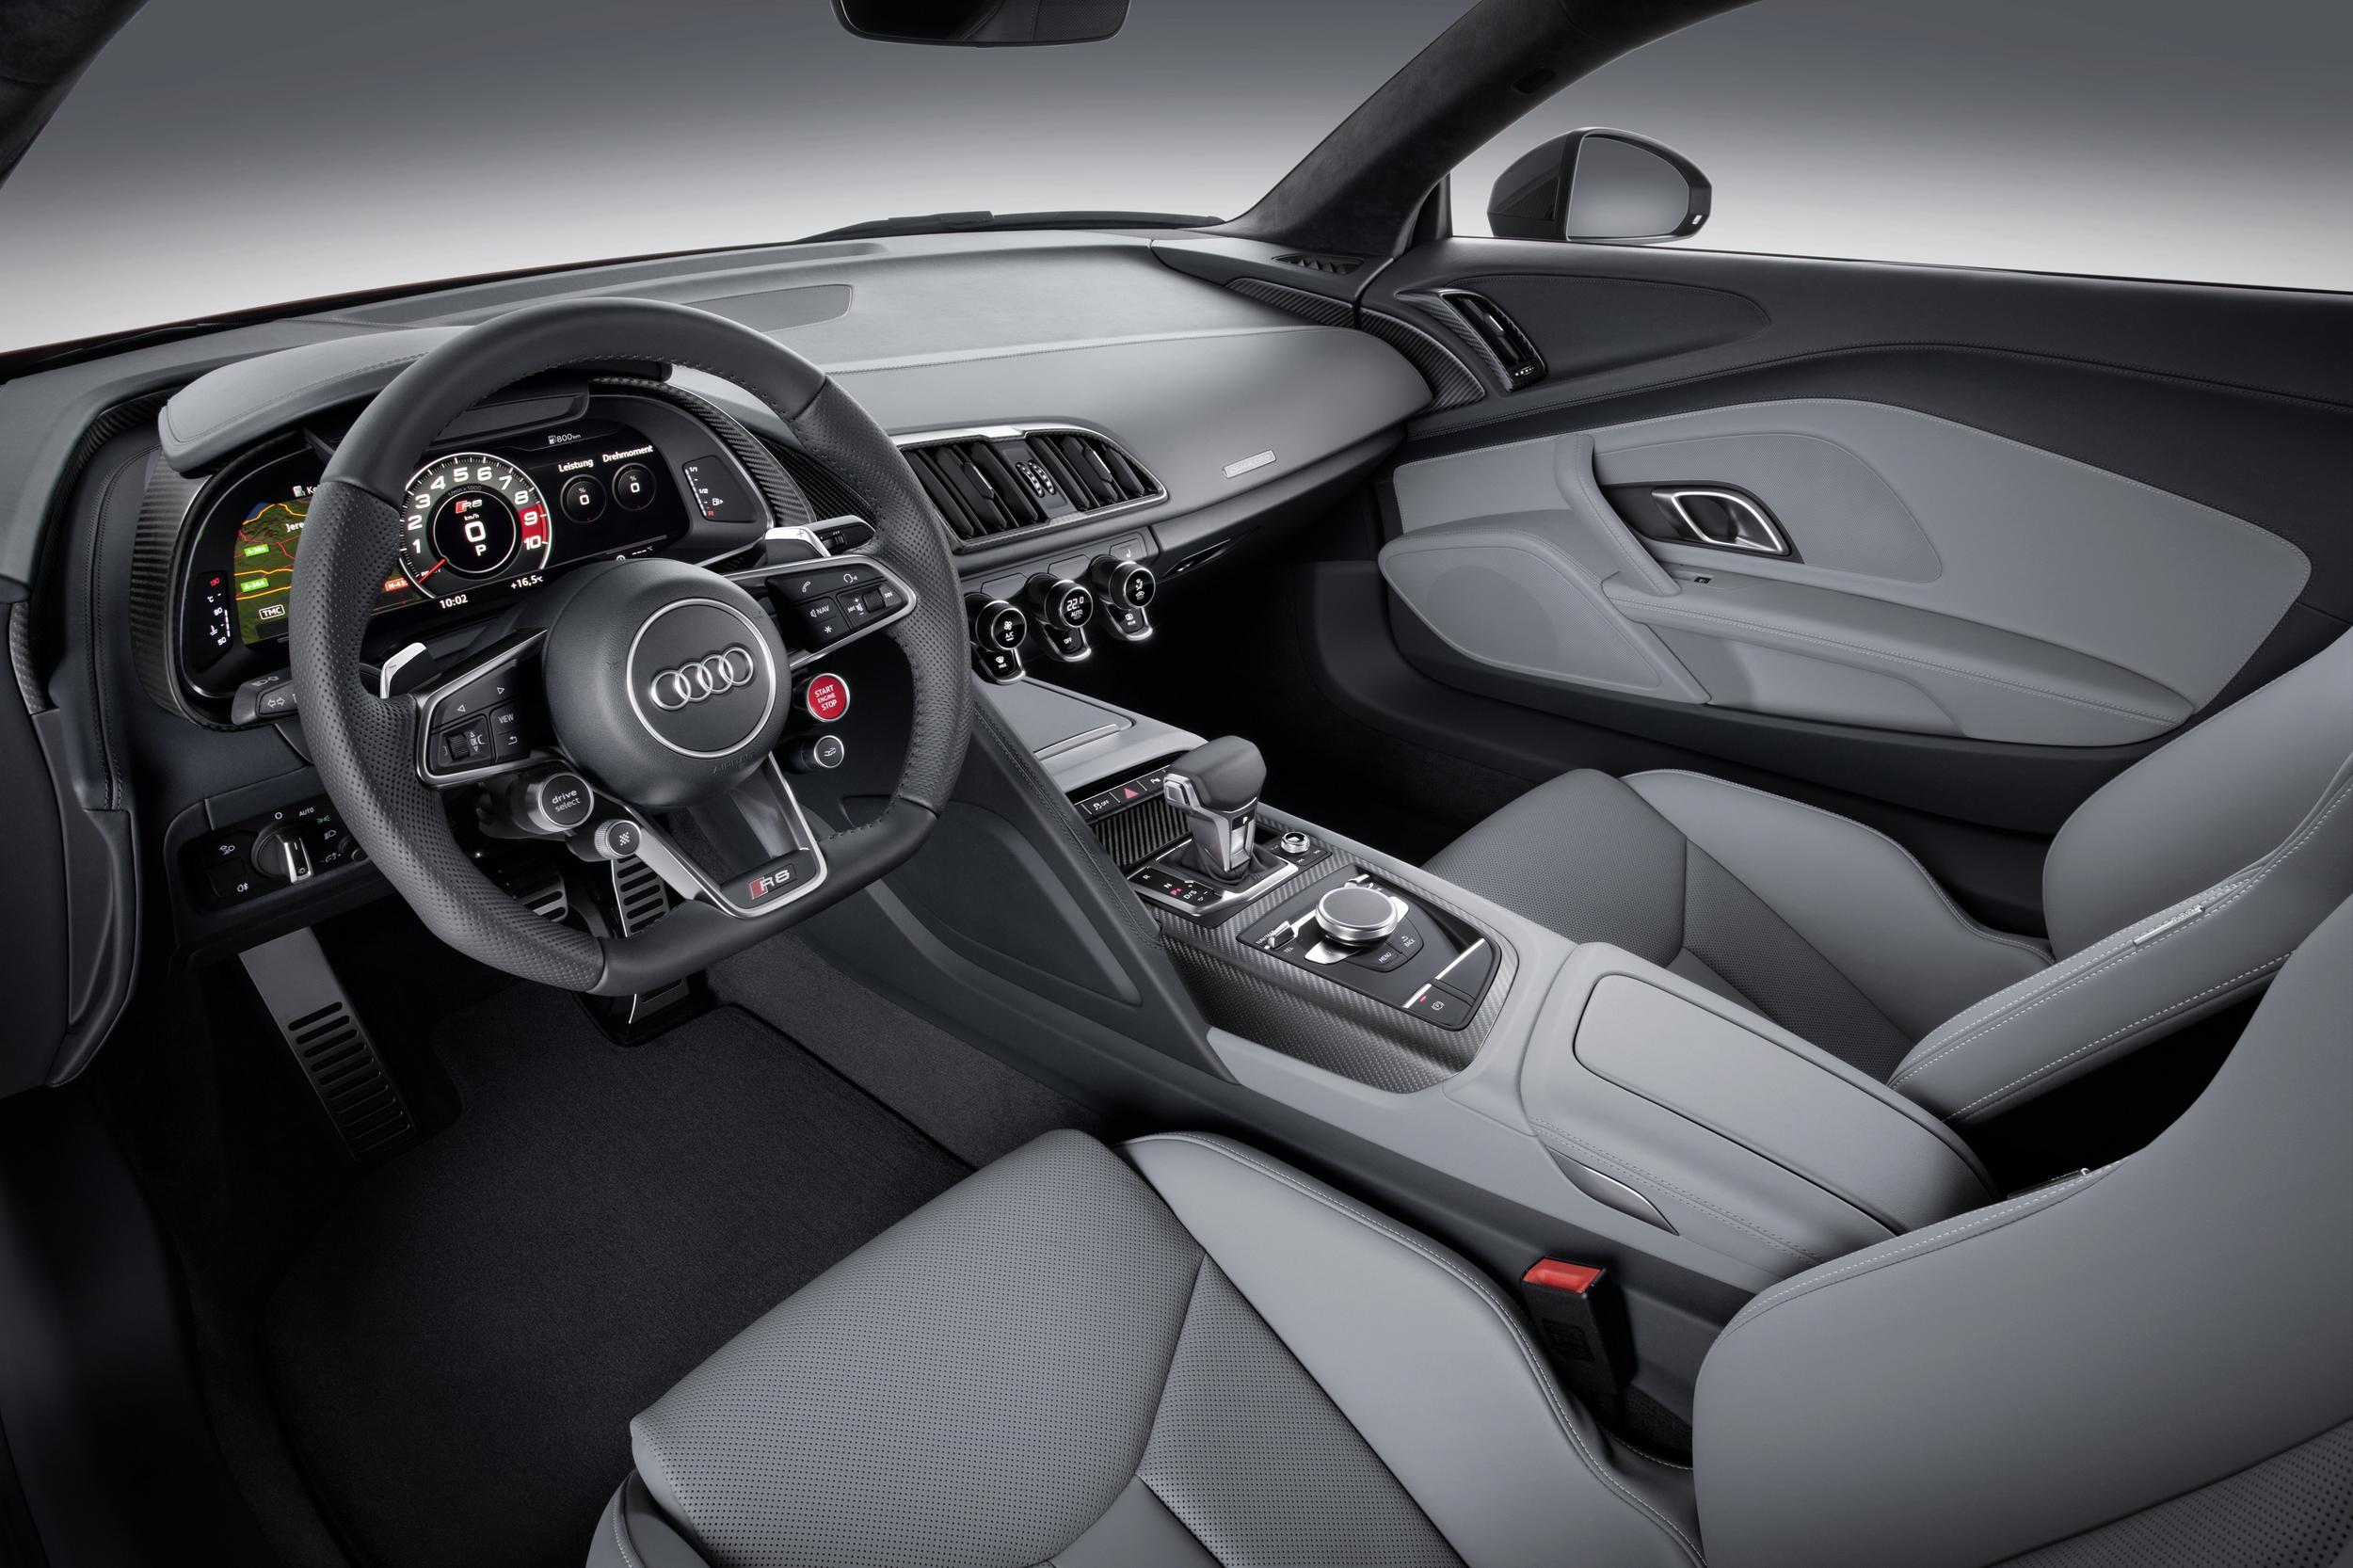 2016 Audi R8 V10 Plus and E-Tron Coupe